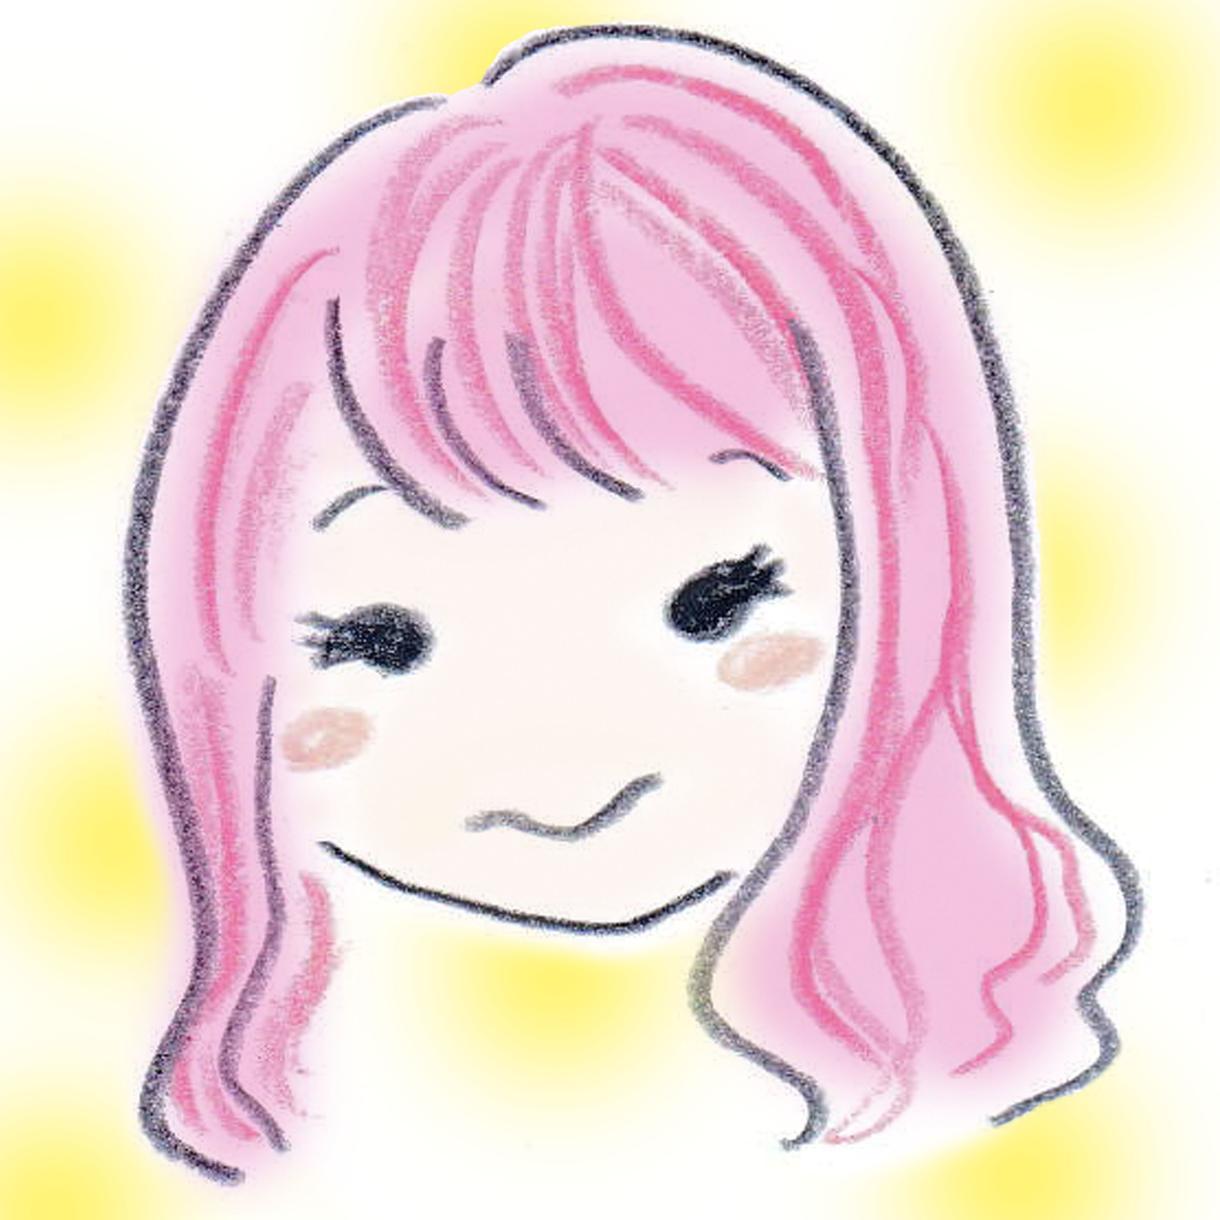 色鉛筆・手描きで○ゆる〜い似顔絵○描きます 【値下げ中】アイコンや贈り物に★かわいげを添えたいあなたに